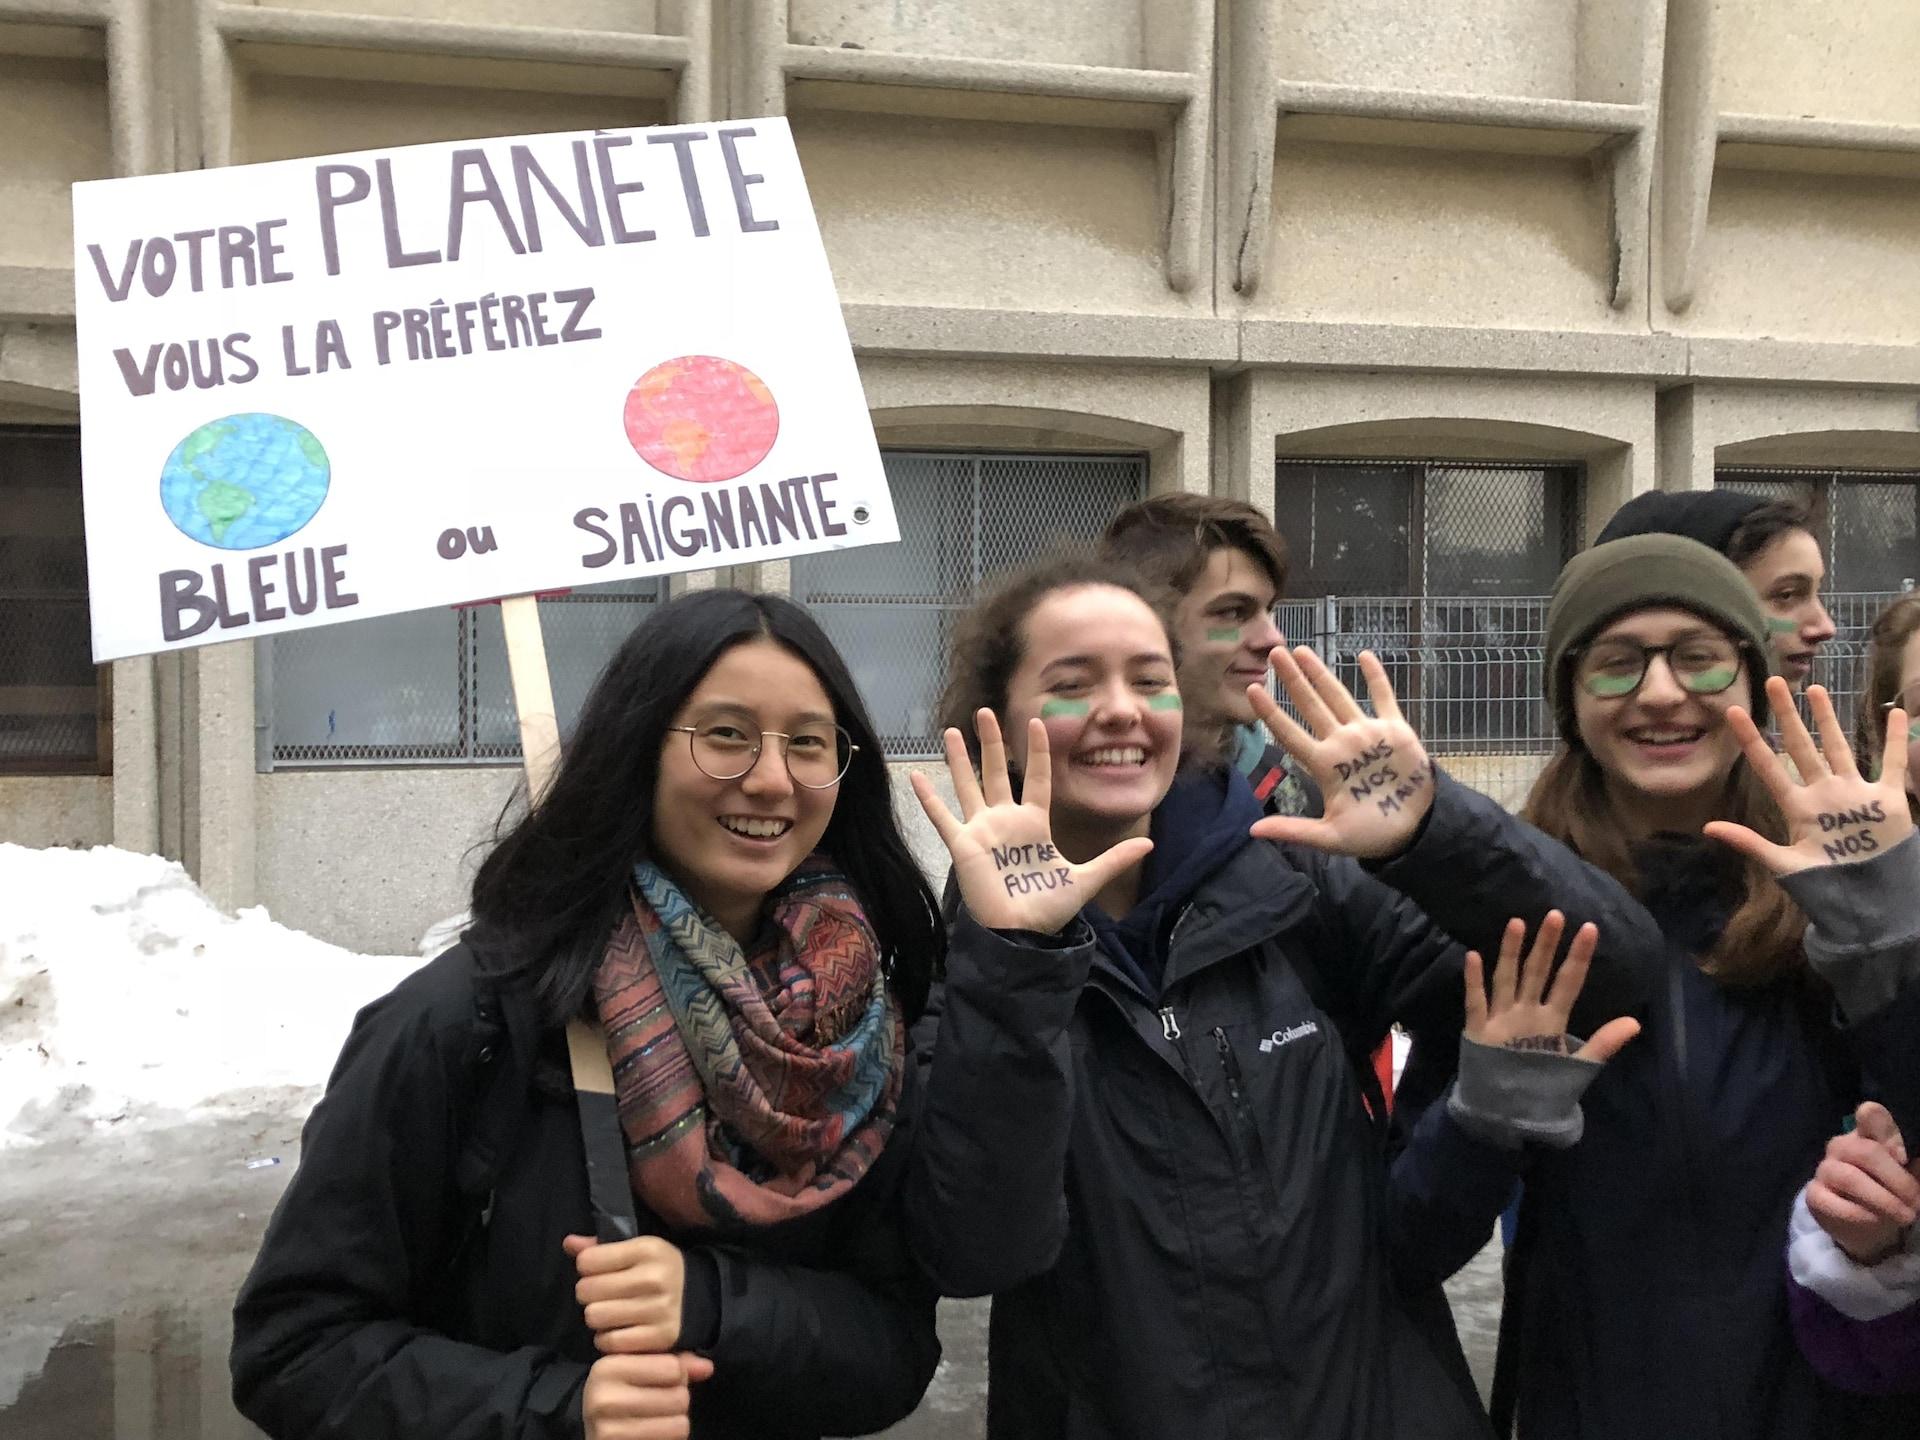 Une jeune fille tient une pancarte demandant : «Votre planète, vous la préférez bleue ou saignante?»